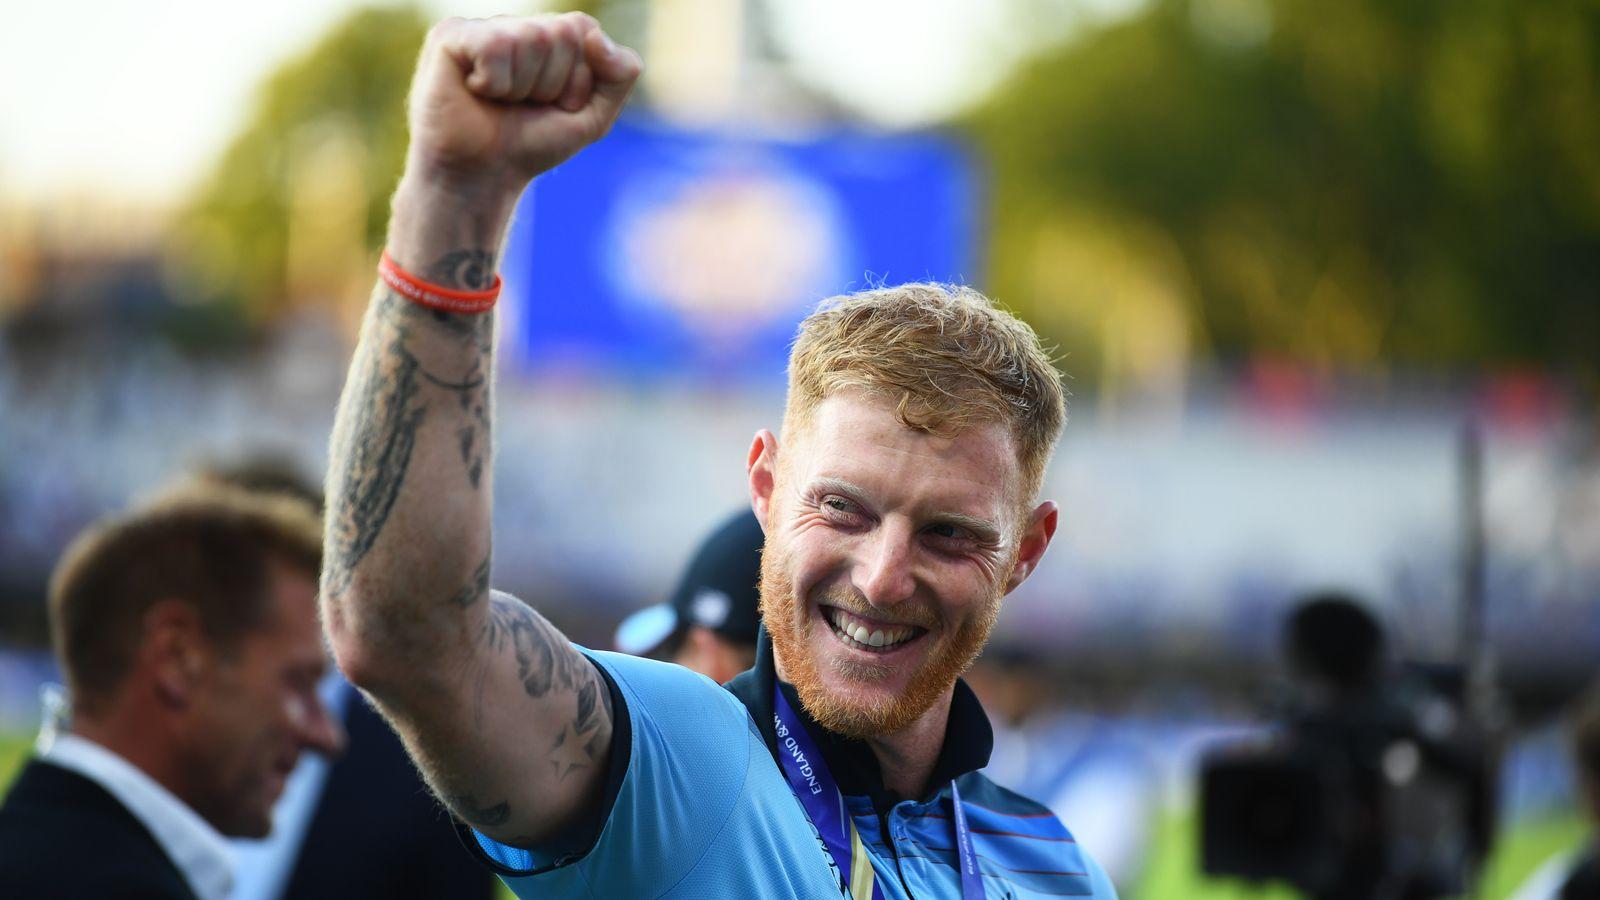 Ben Stokes: el polifacético de Inglaterra nombrado el jugador de cricket líder de Wisden en el mundo | Noticias de Cricket 5